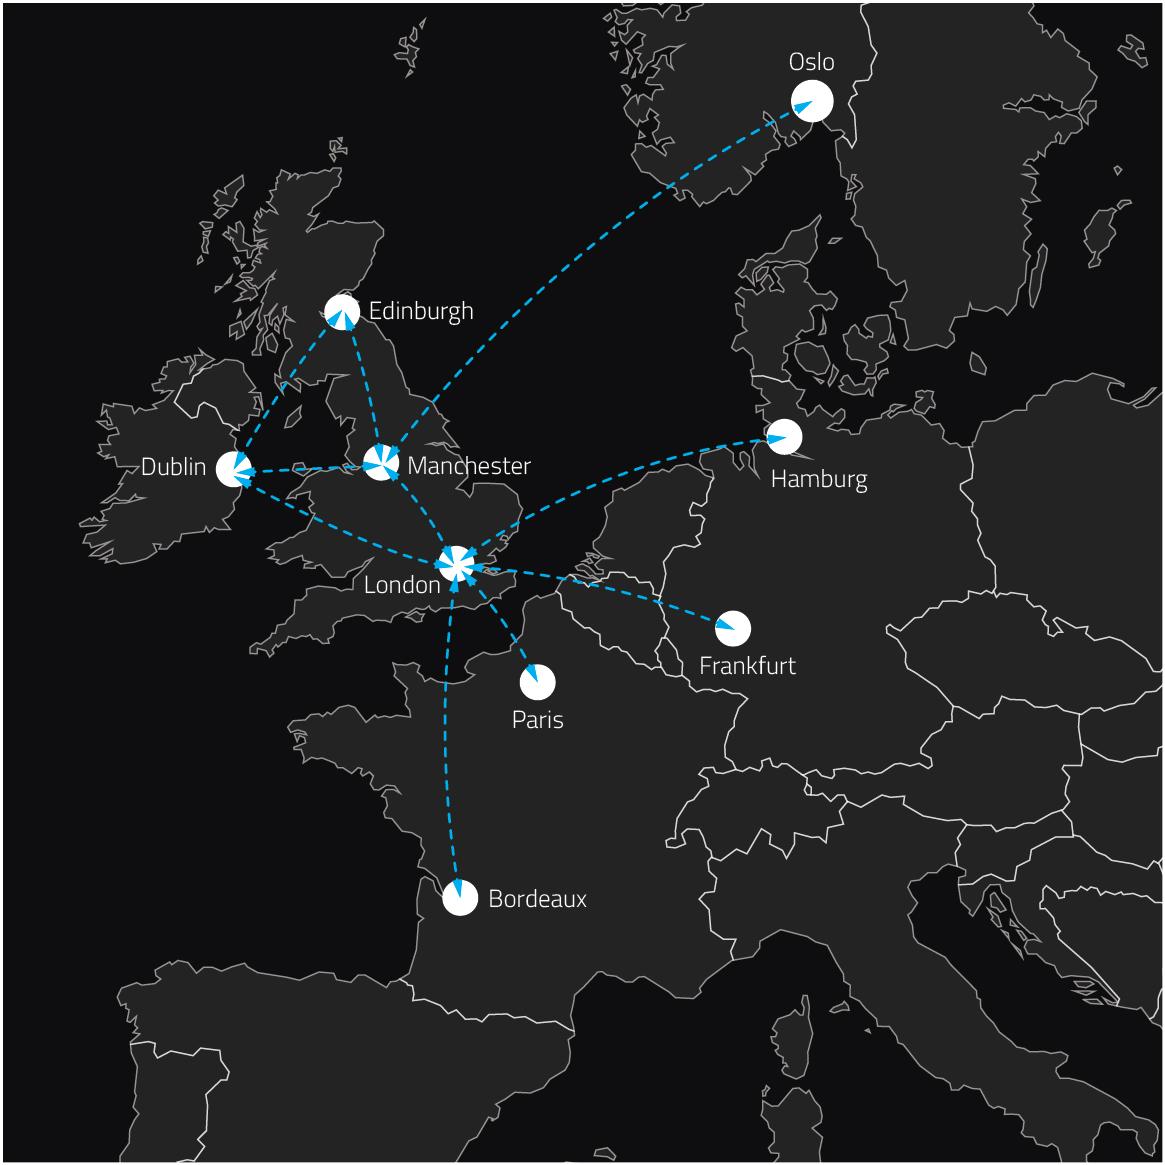 World Map_Hemera - Europe.jpg